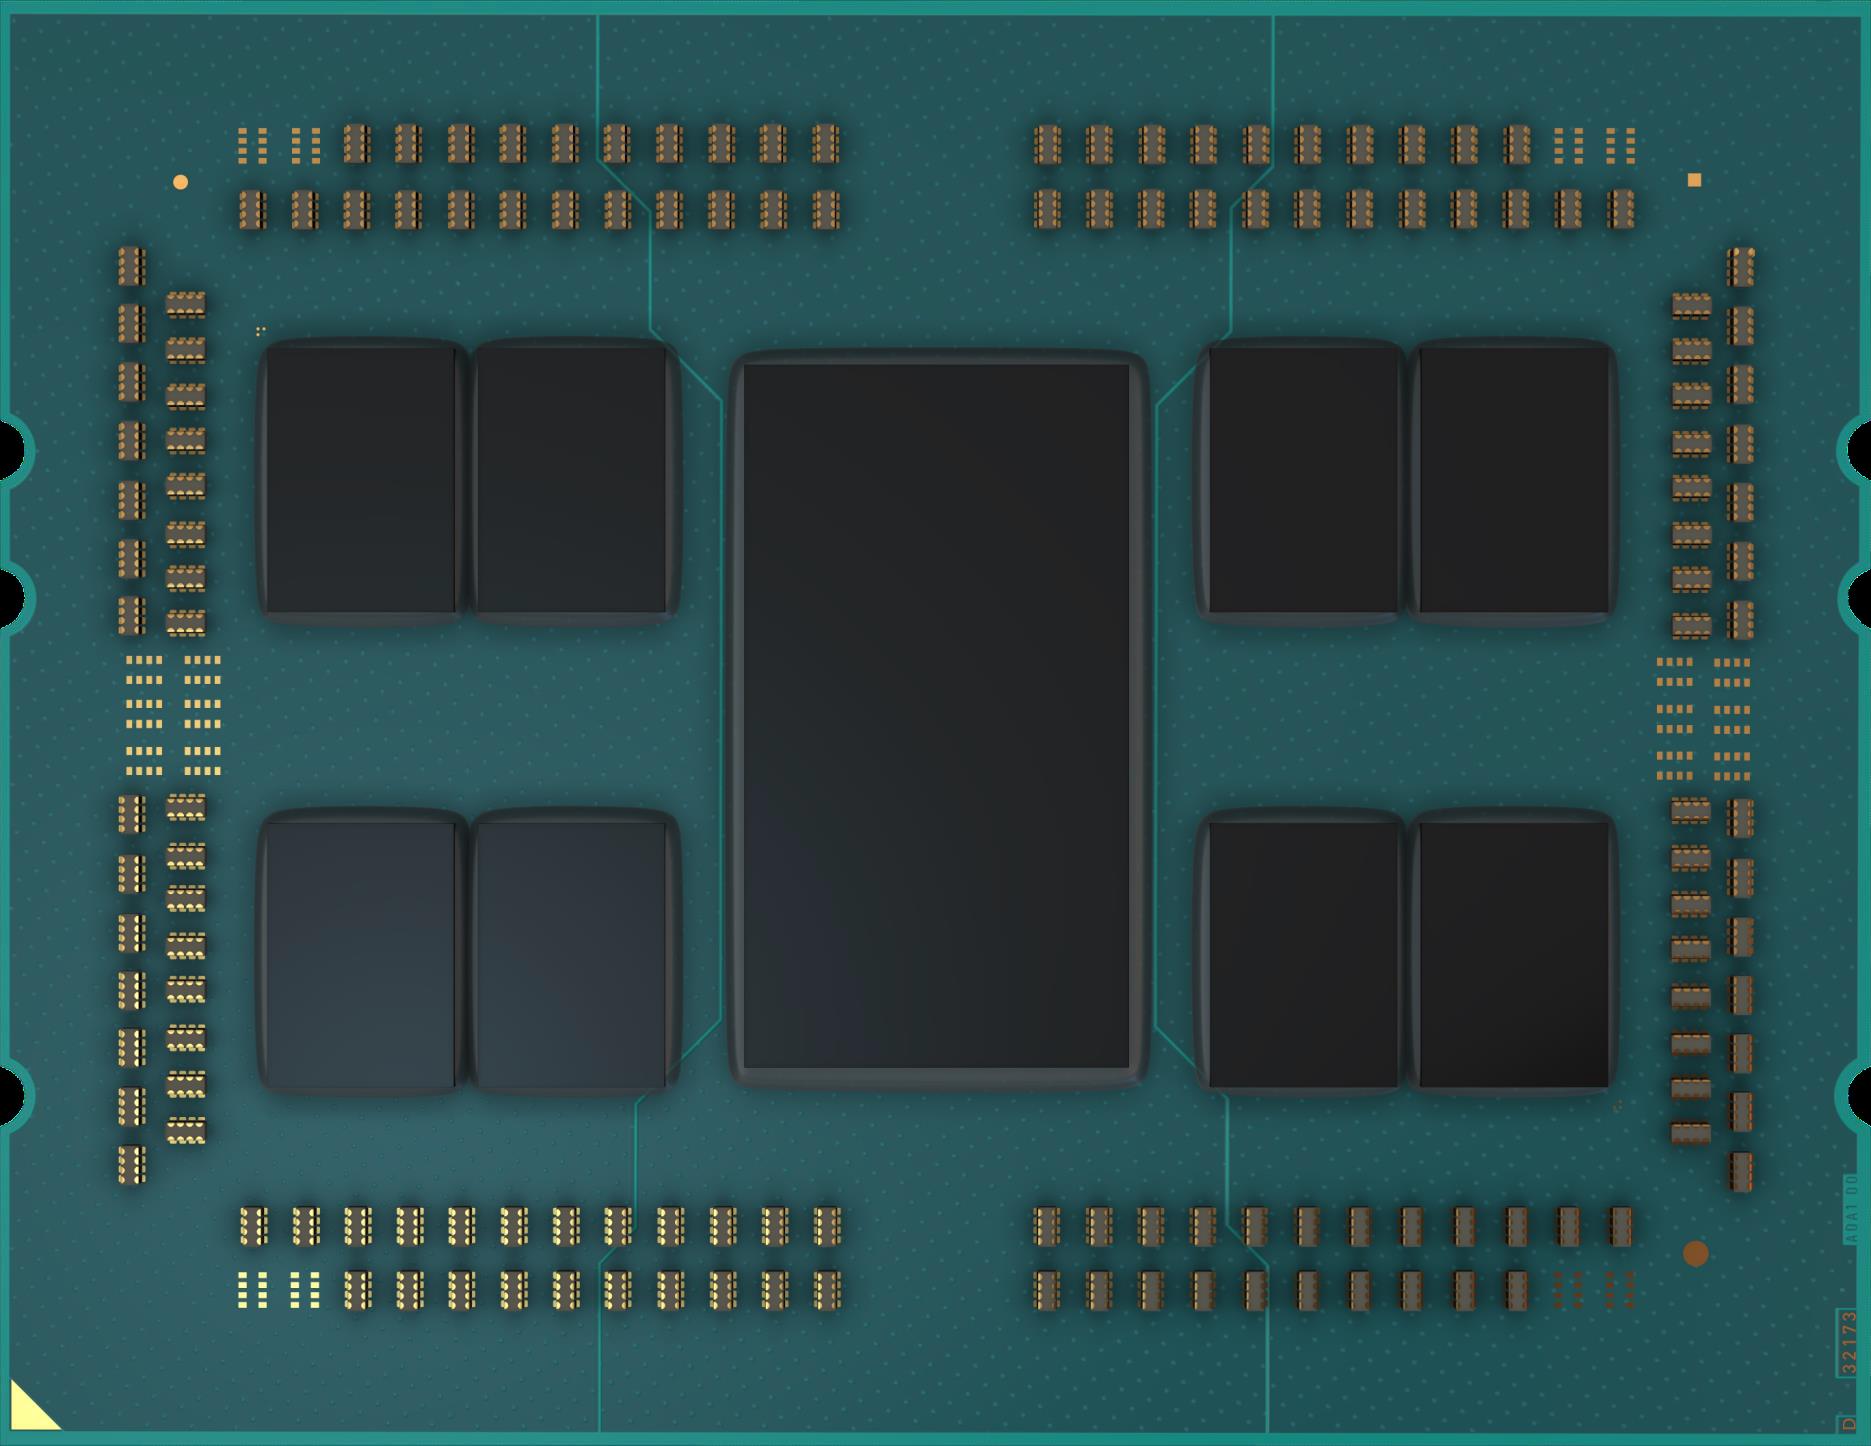 AMD 3rd Gen Ryzen Threadripper